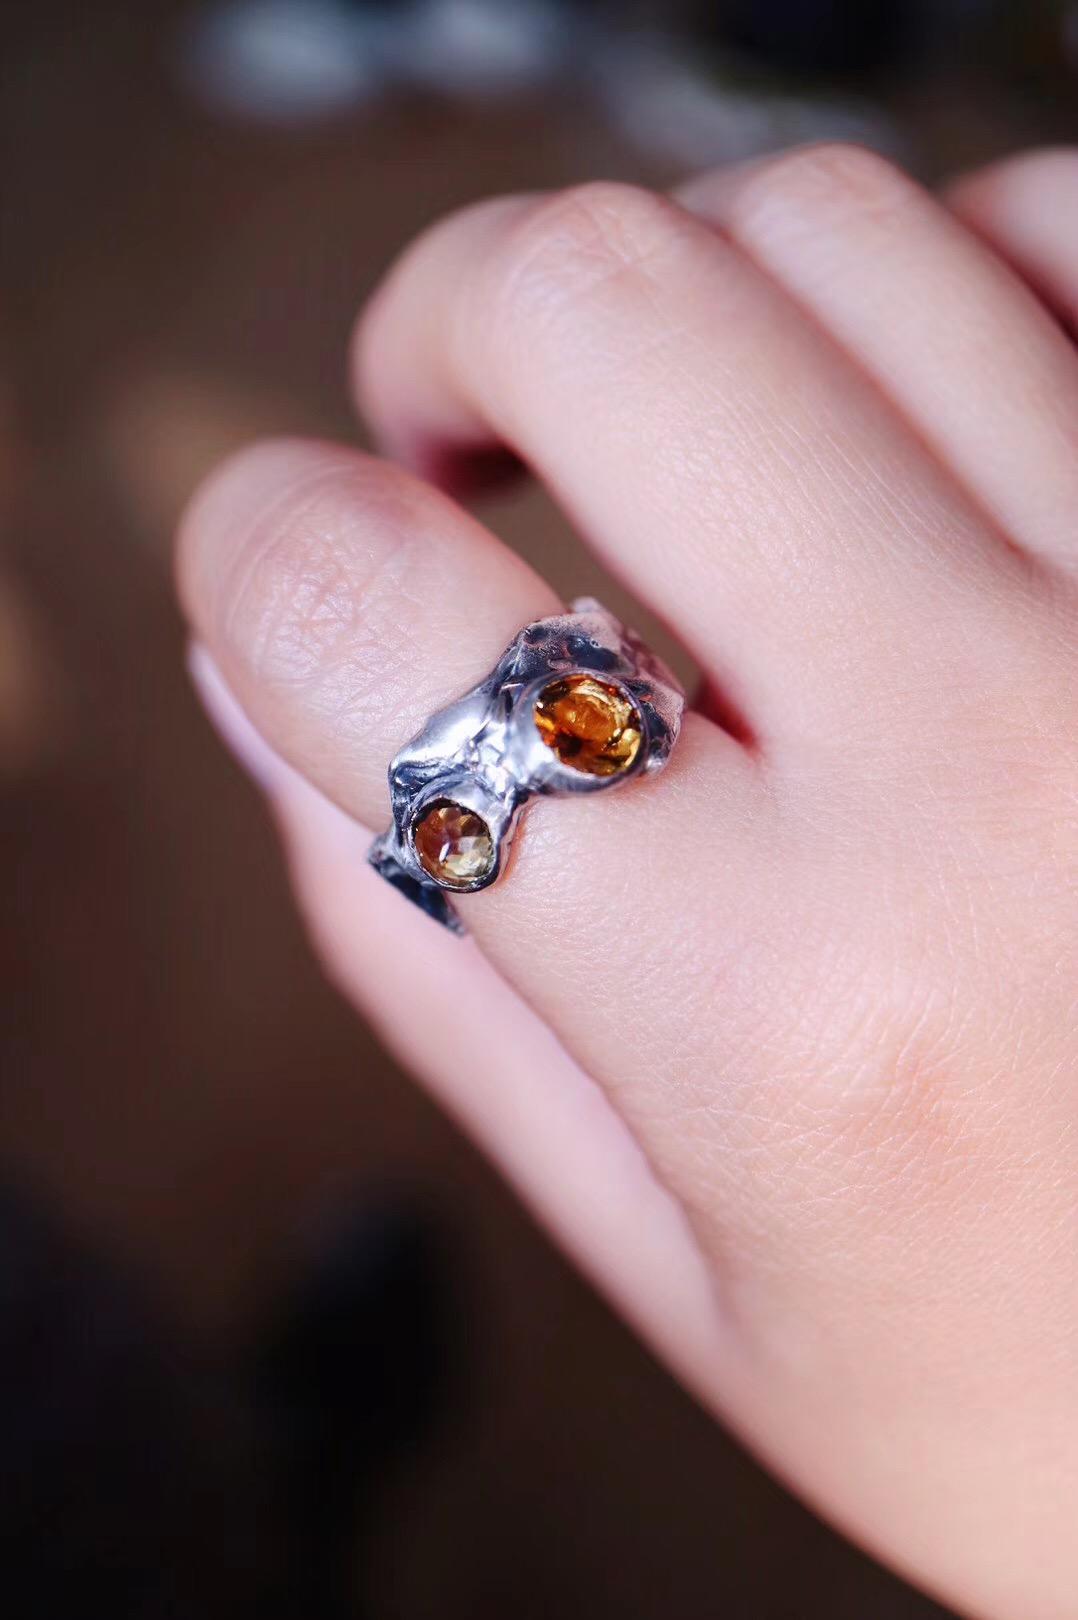 【菩心·碧玺戒-纯手工】一枚手作碧玺戒指,也是充满了质感,纹路控切莫错过-菩心晶舍